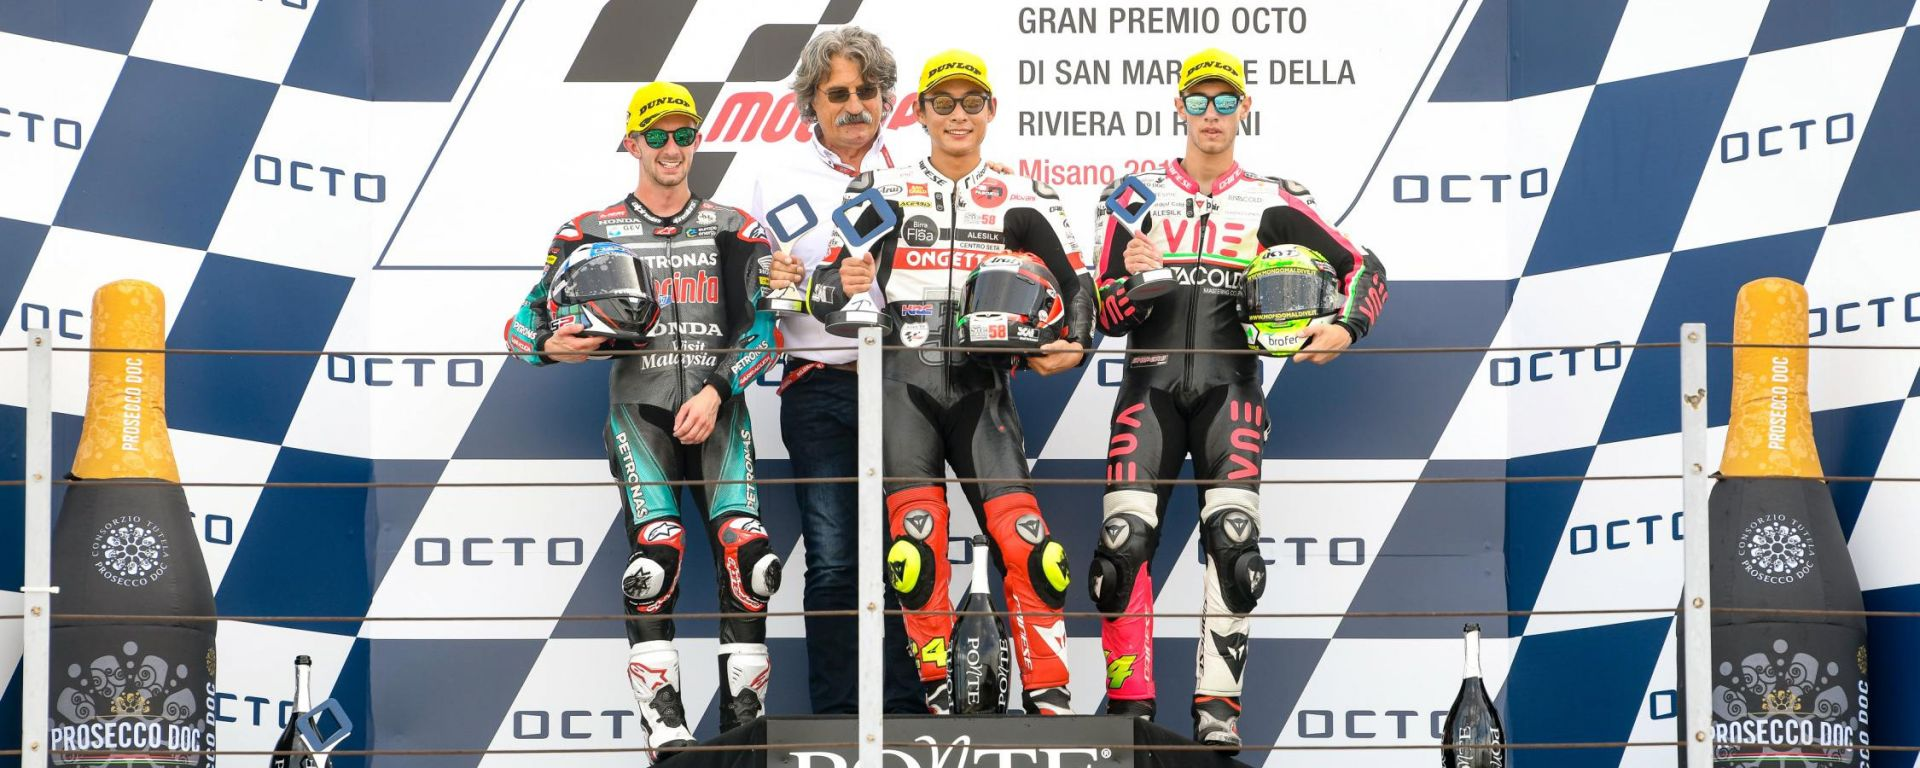 GP San Marino 2019, Misano, il podio della classe Moto2 con Suzuki e Paolo Simoncelli che festeggiano la vittoria, 2° McPhee, 3°